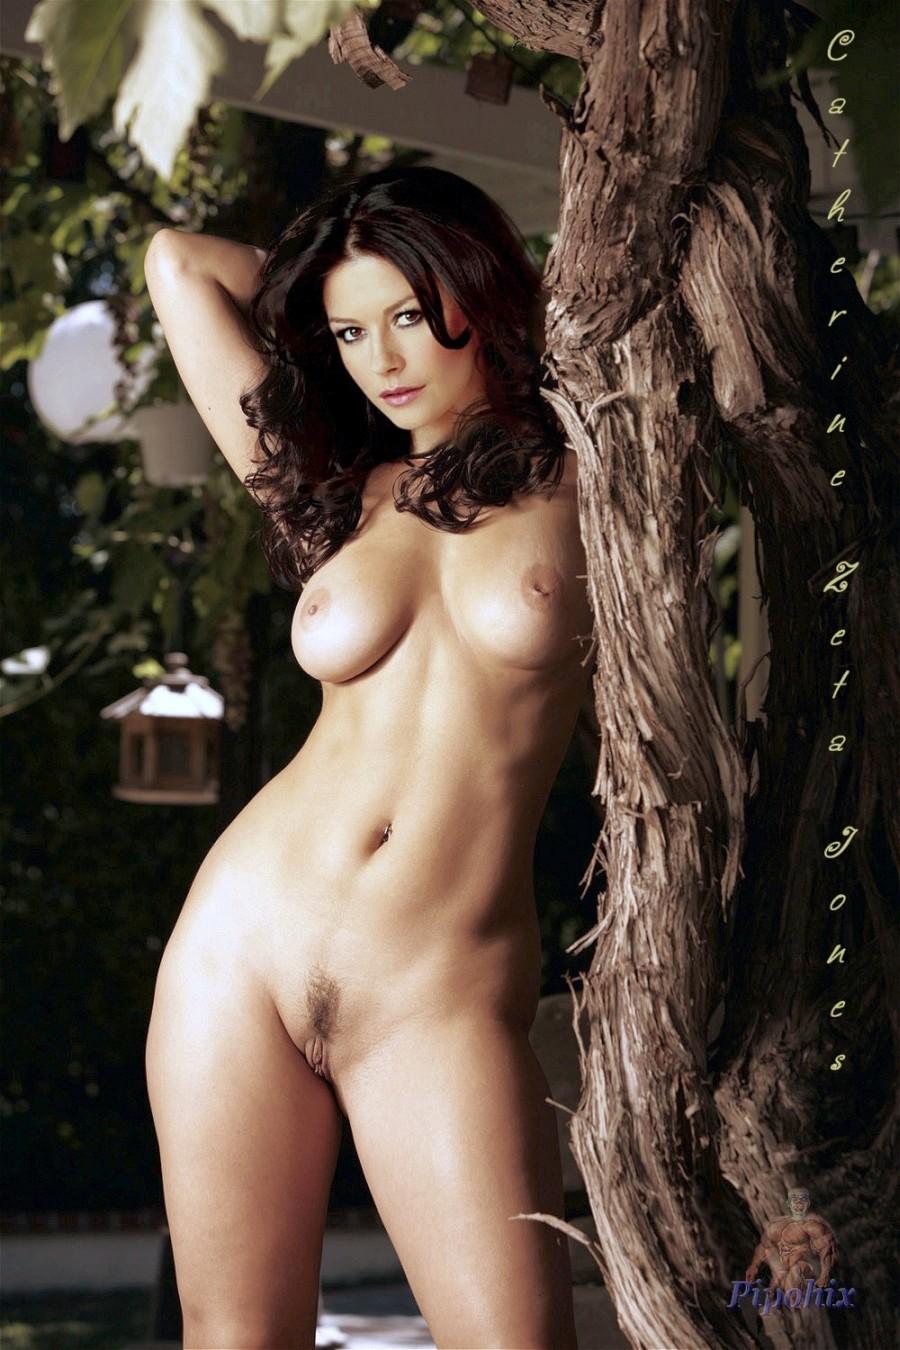 Кетрин джонс голая 20 фотография